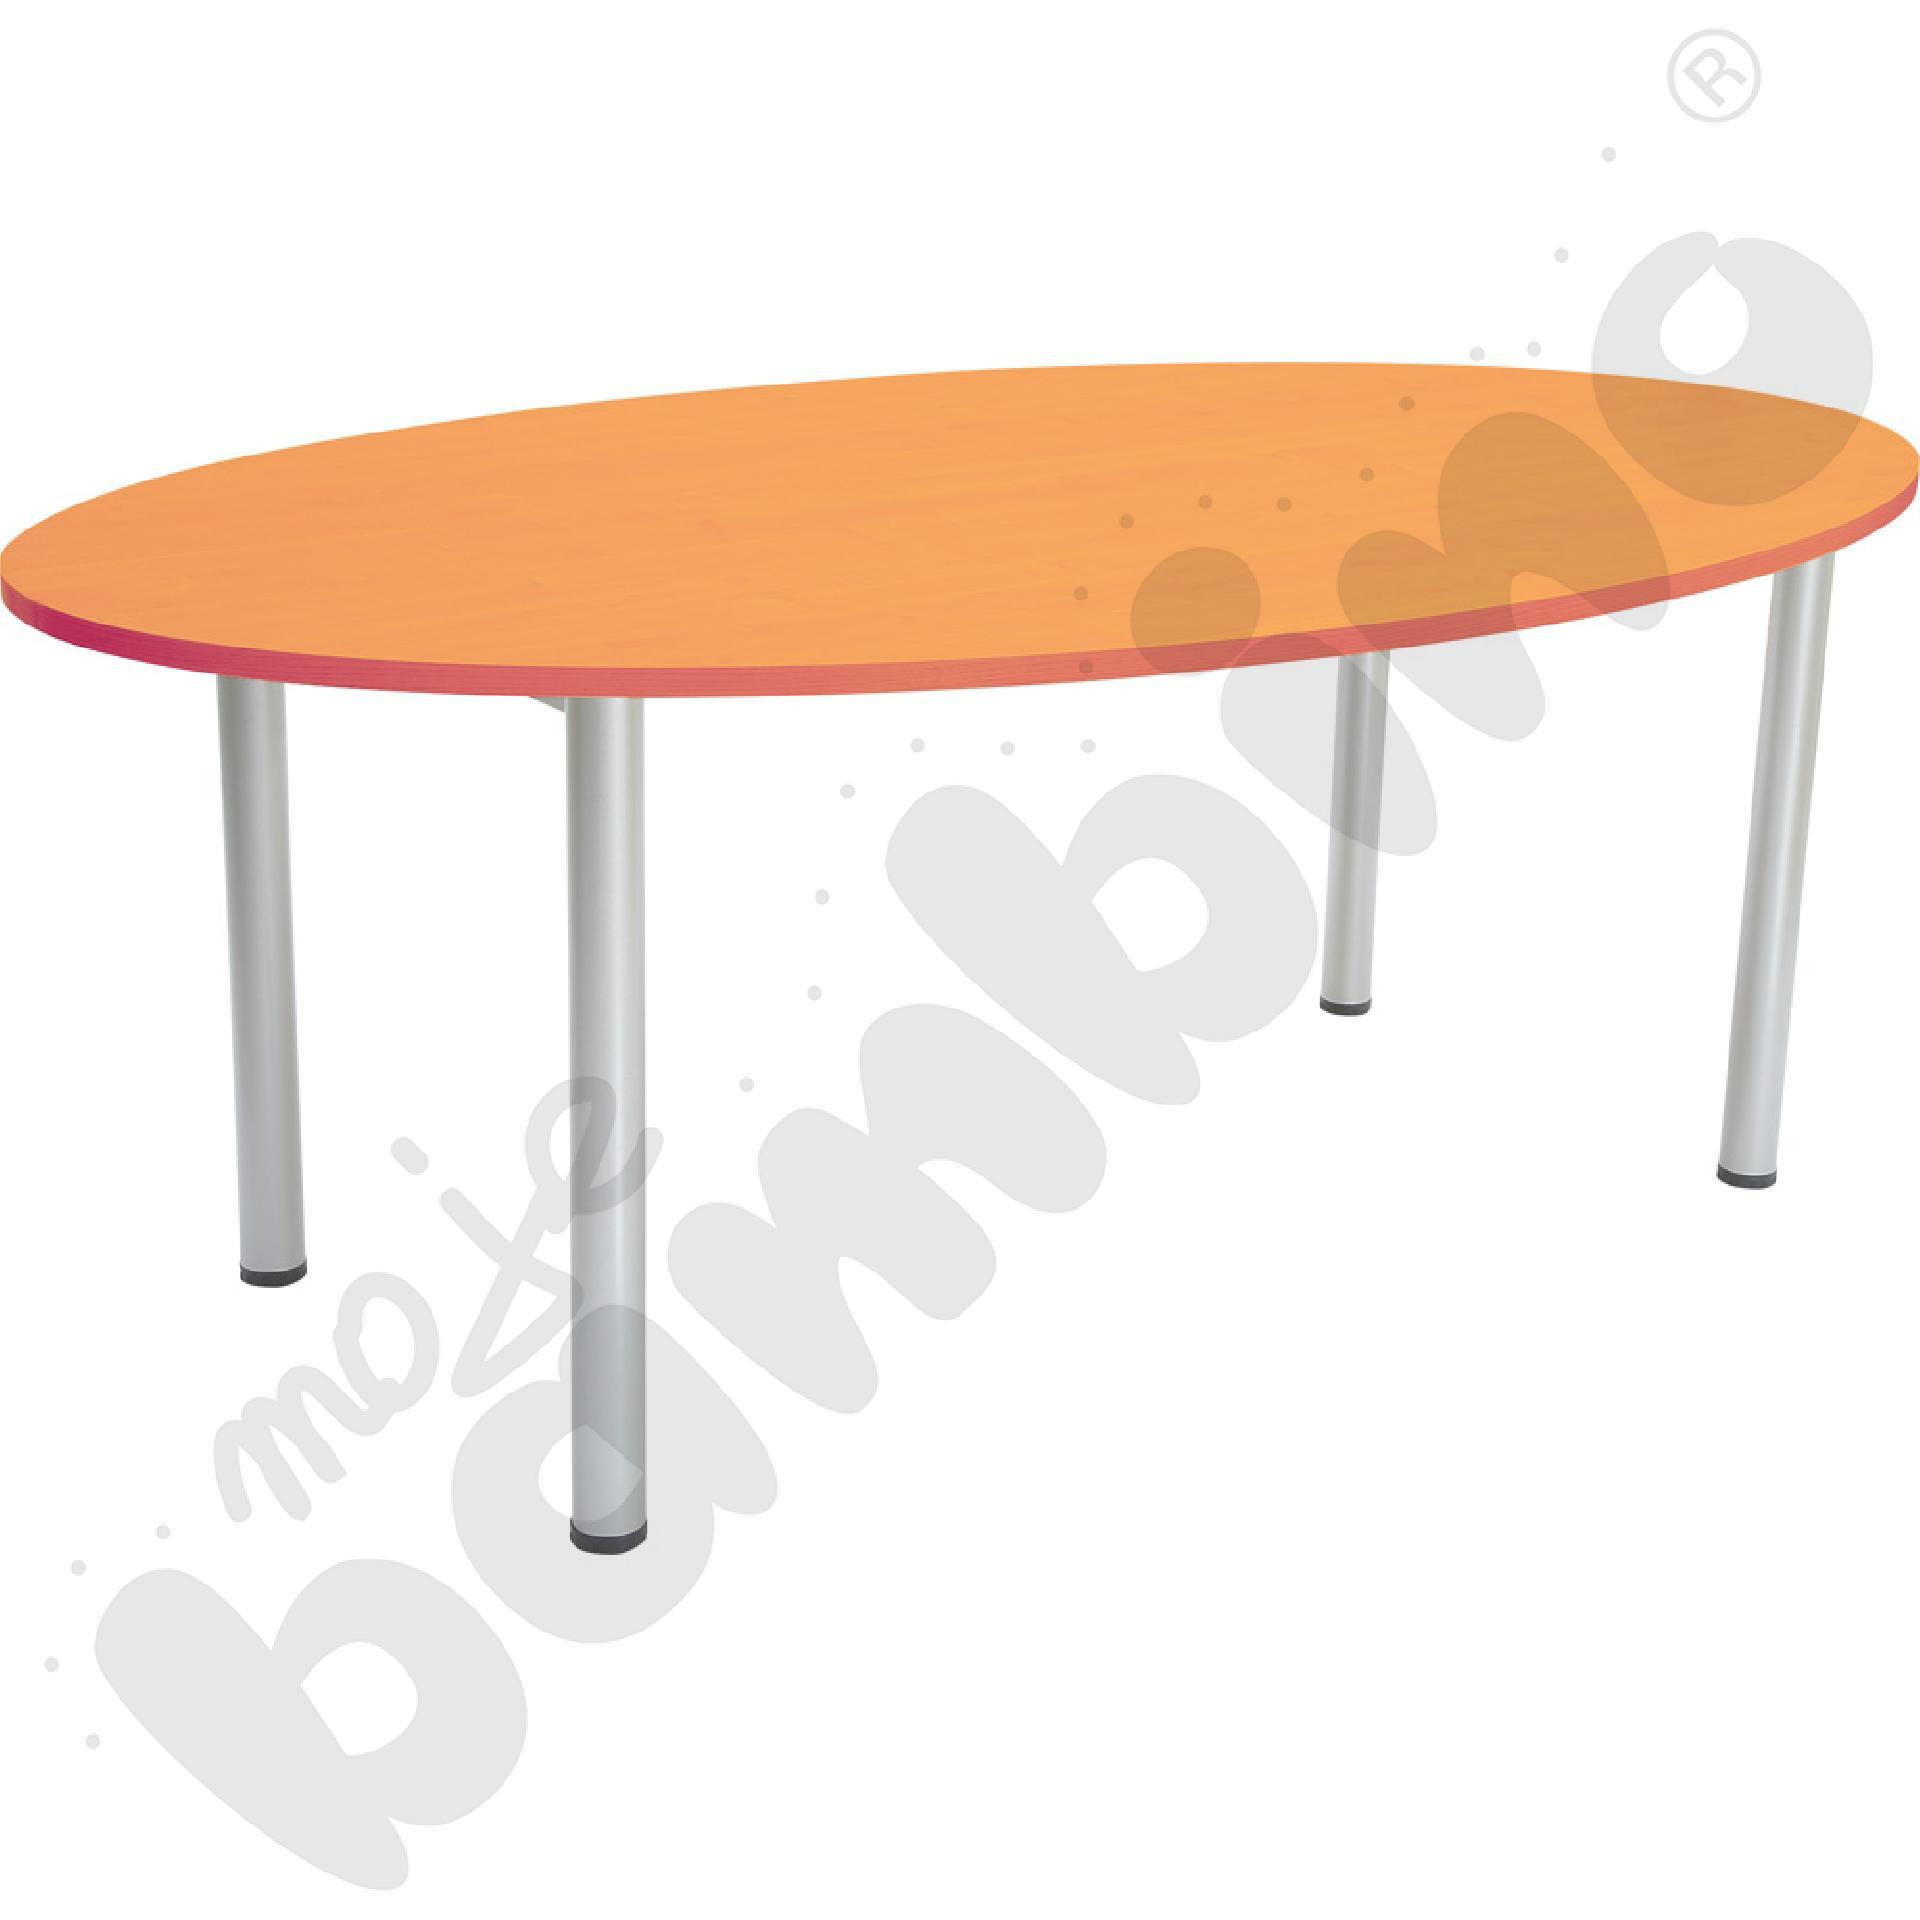 Stół owalny 100 x 180 cm olcha